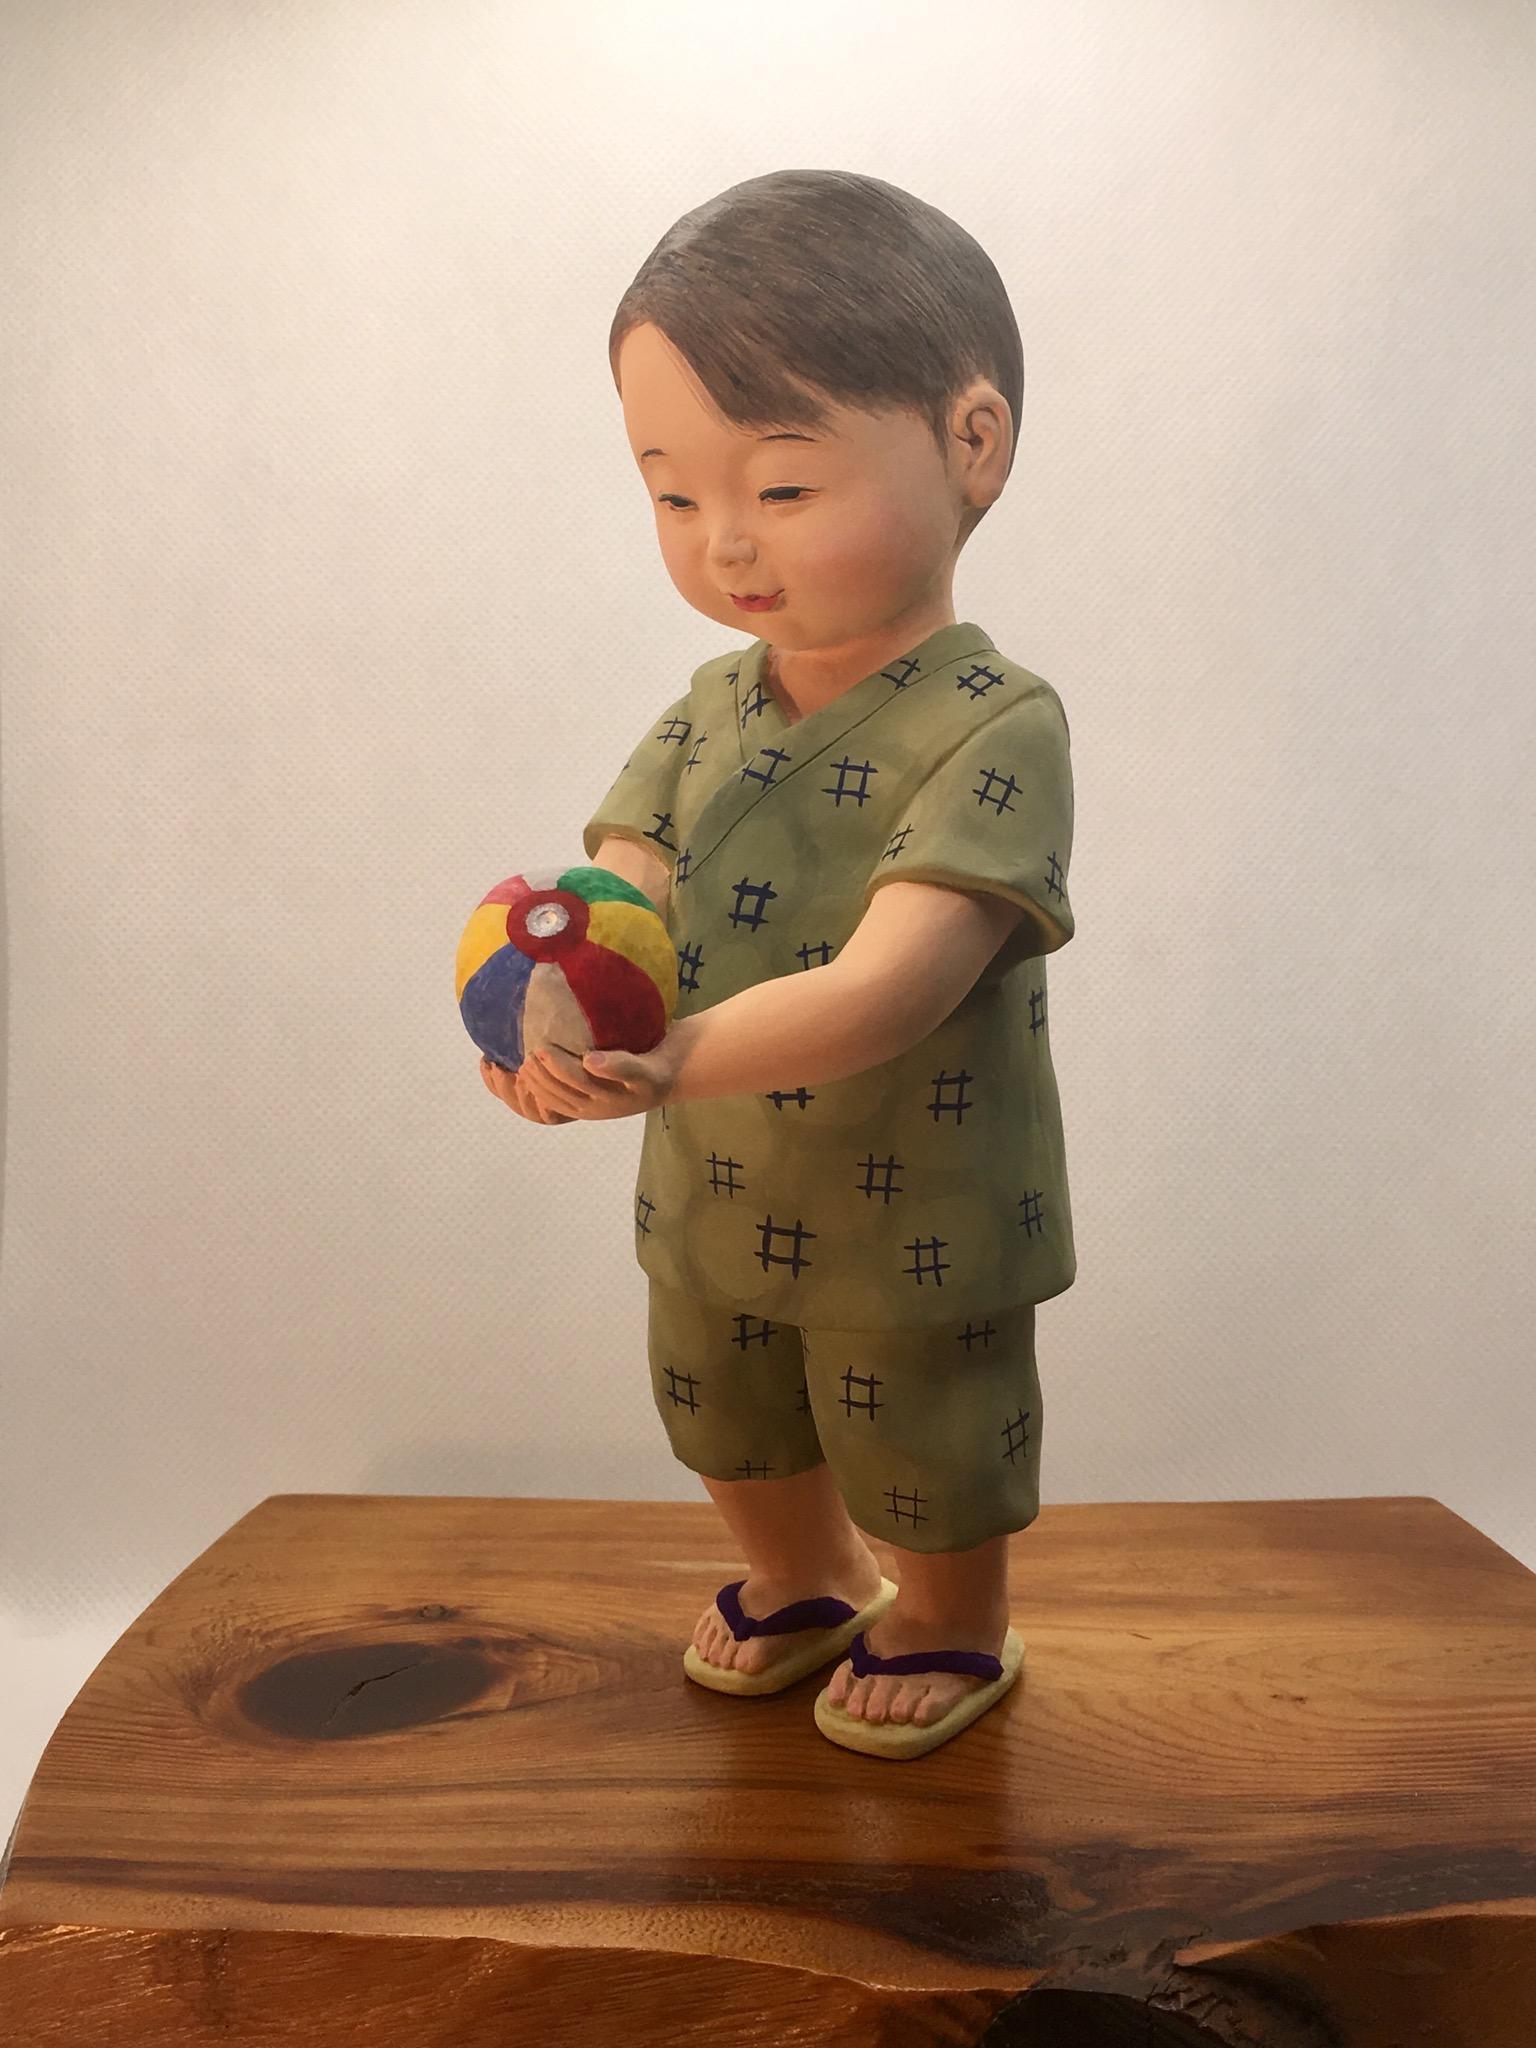 紙風船  非売品  幼い男児が嬉しそうに紙風船を手にしている様子を博多人形の手法を用いて私なりに表現してみました。昭和の時代をイメージして作成致しました。